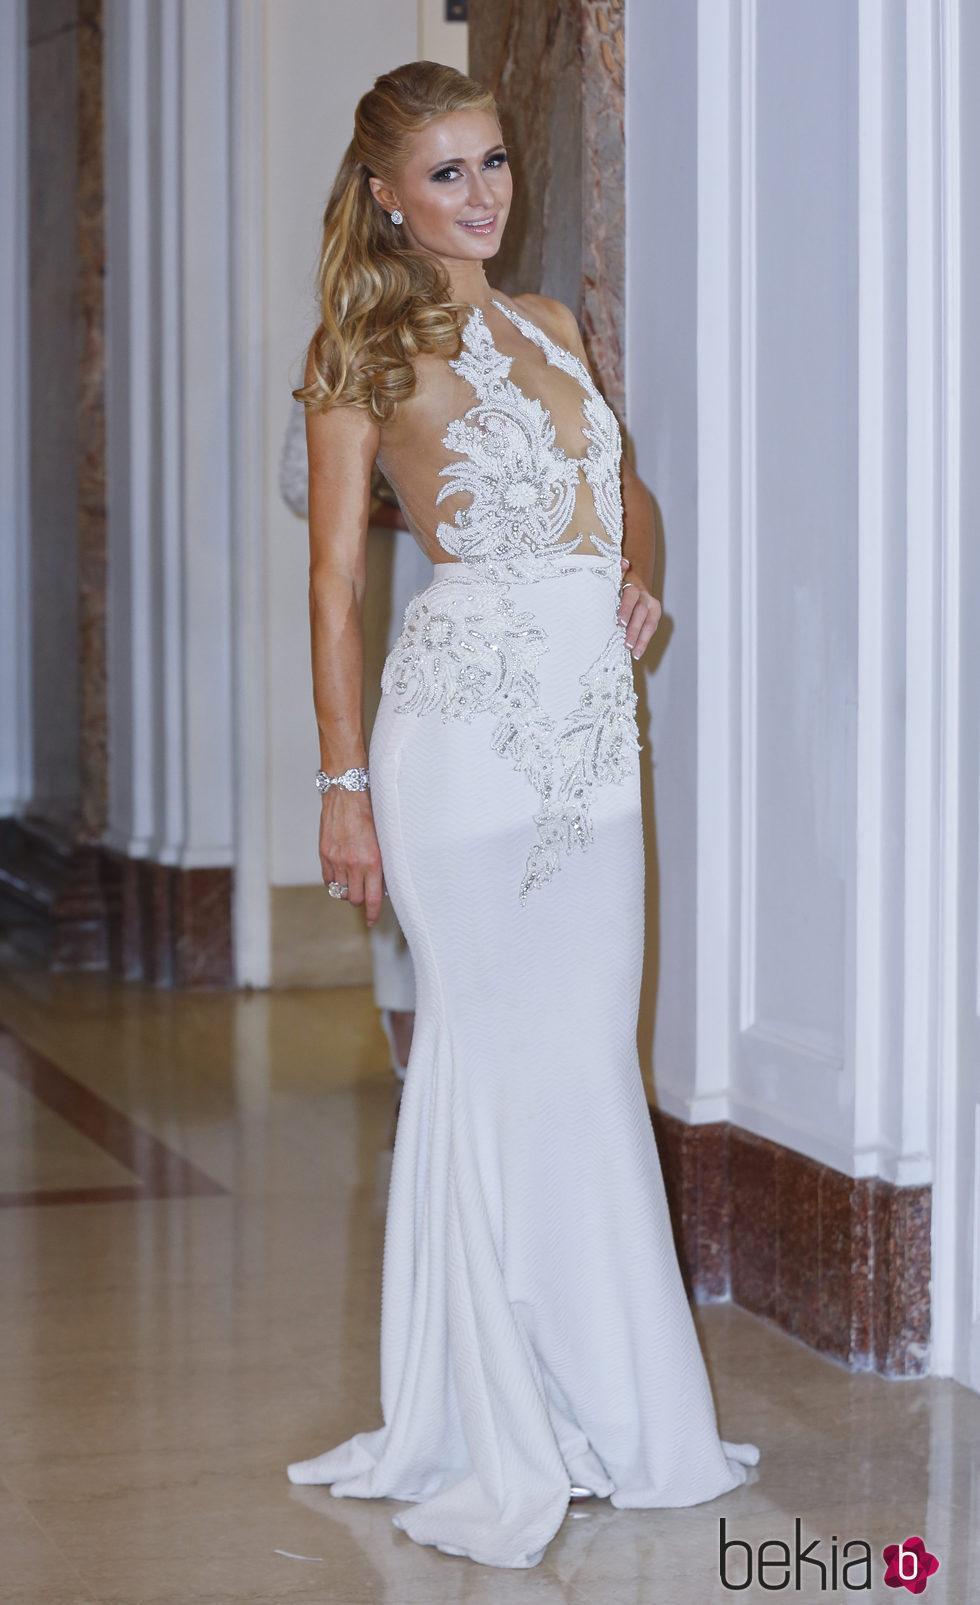 Paris Hilton en Cannes 2016 con un semirecogido y un maquillaje muy natural